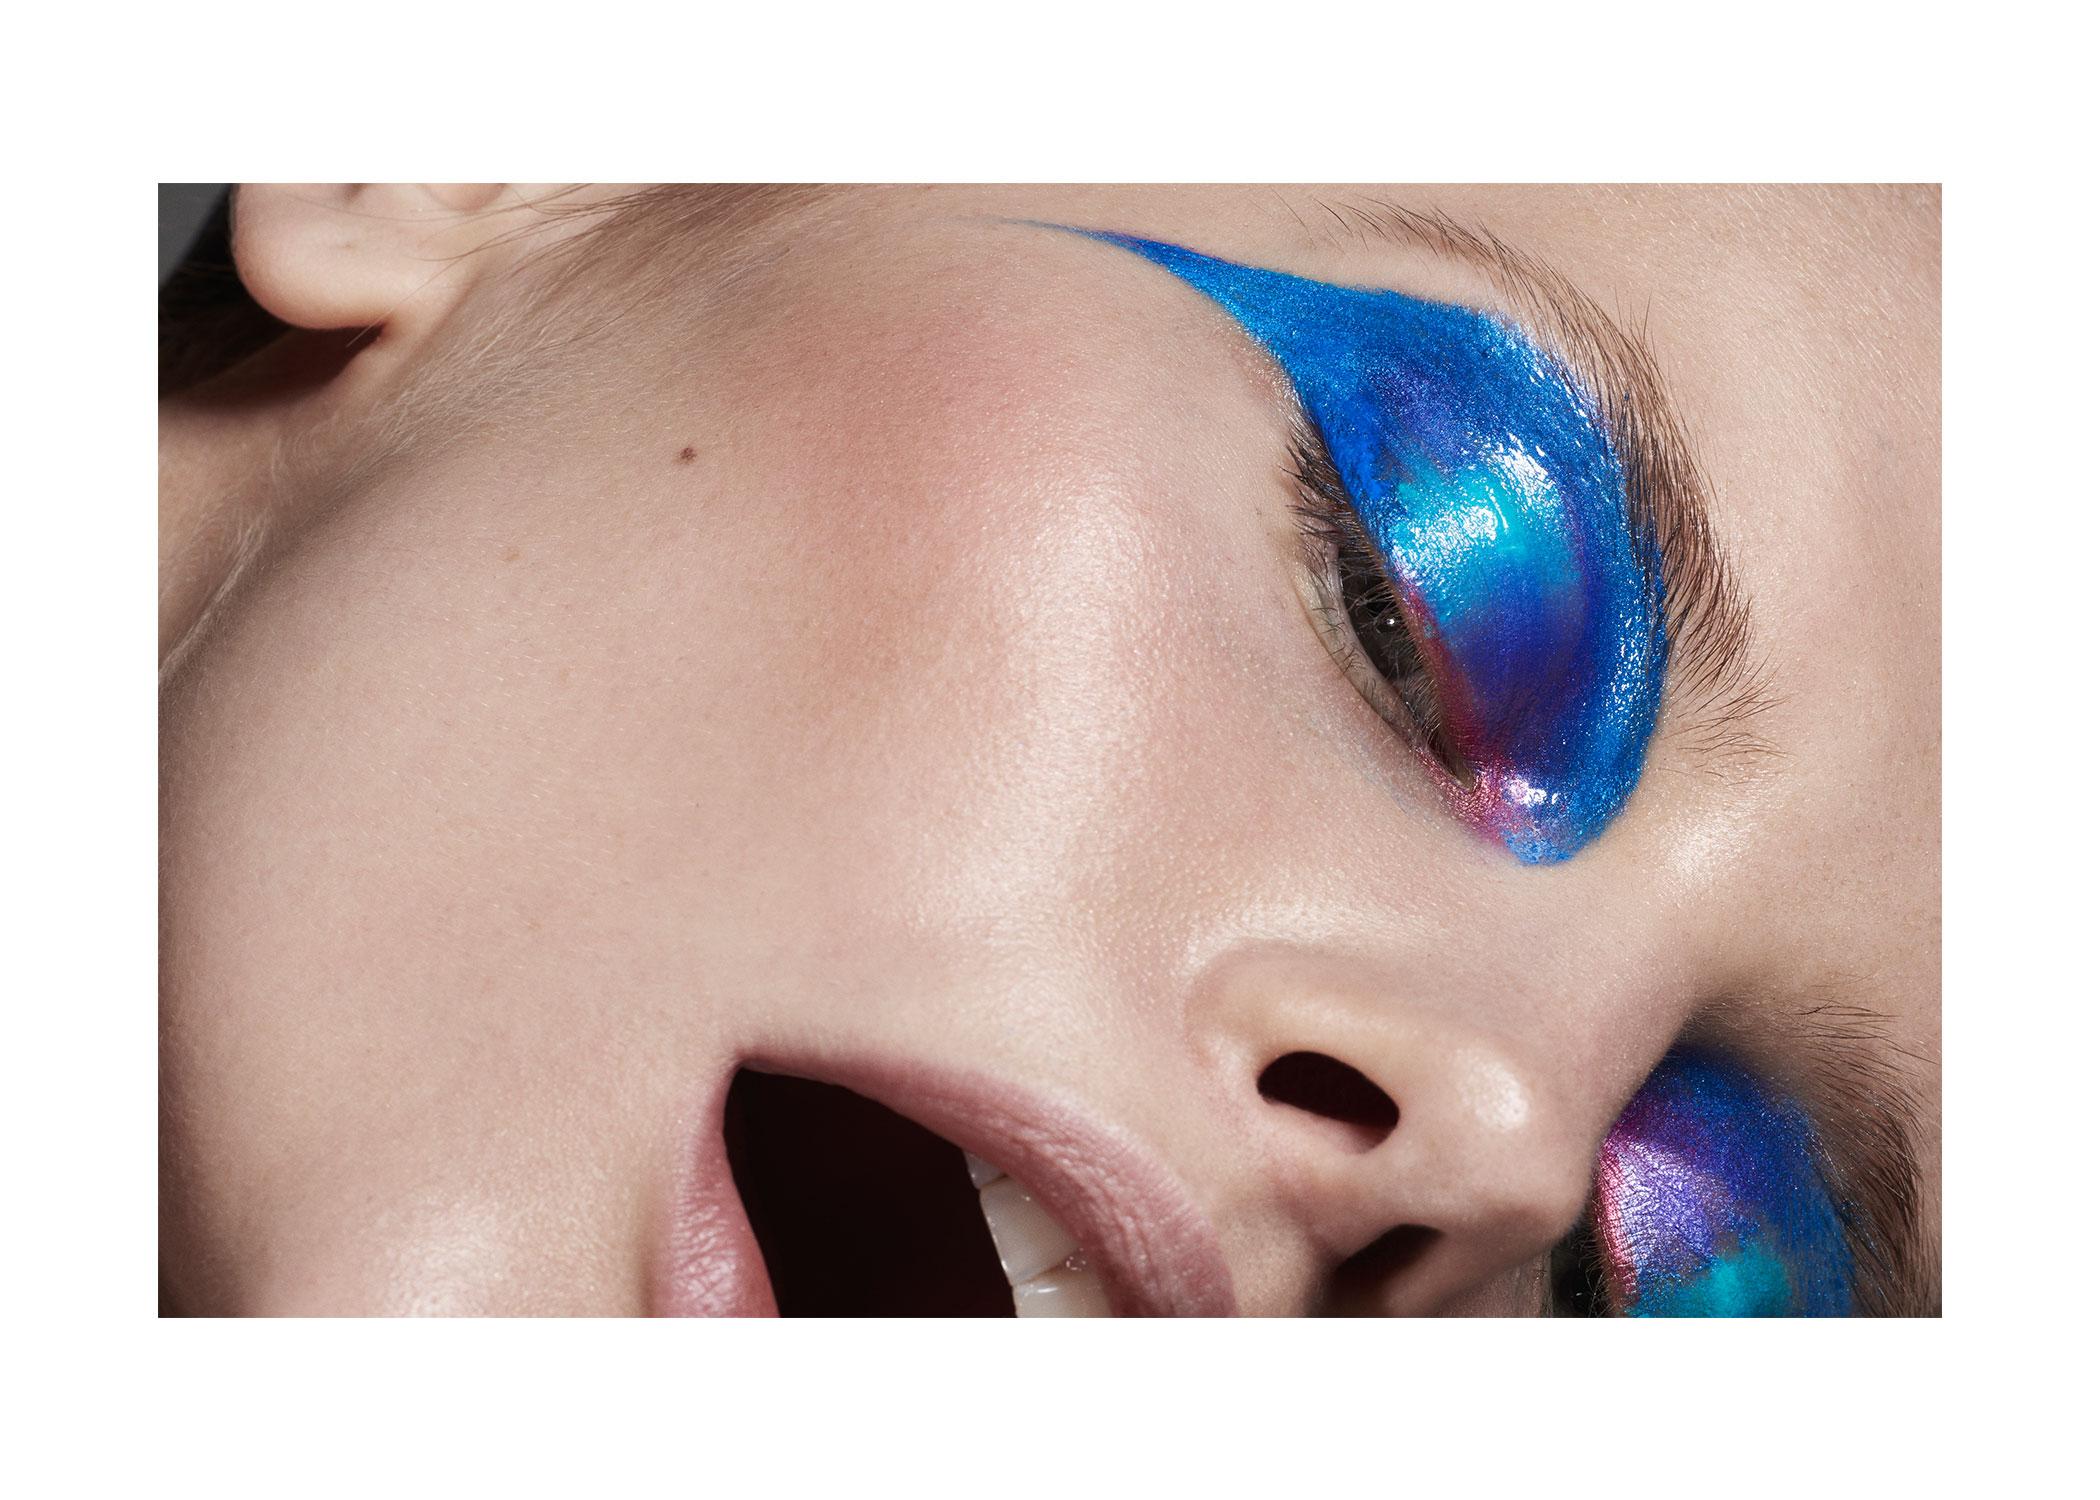 blueeye2.jpg